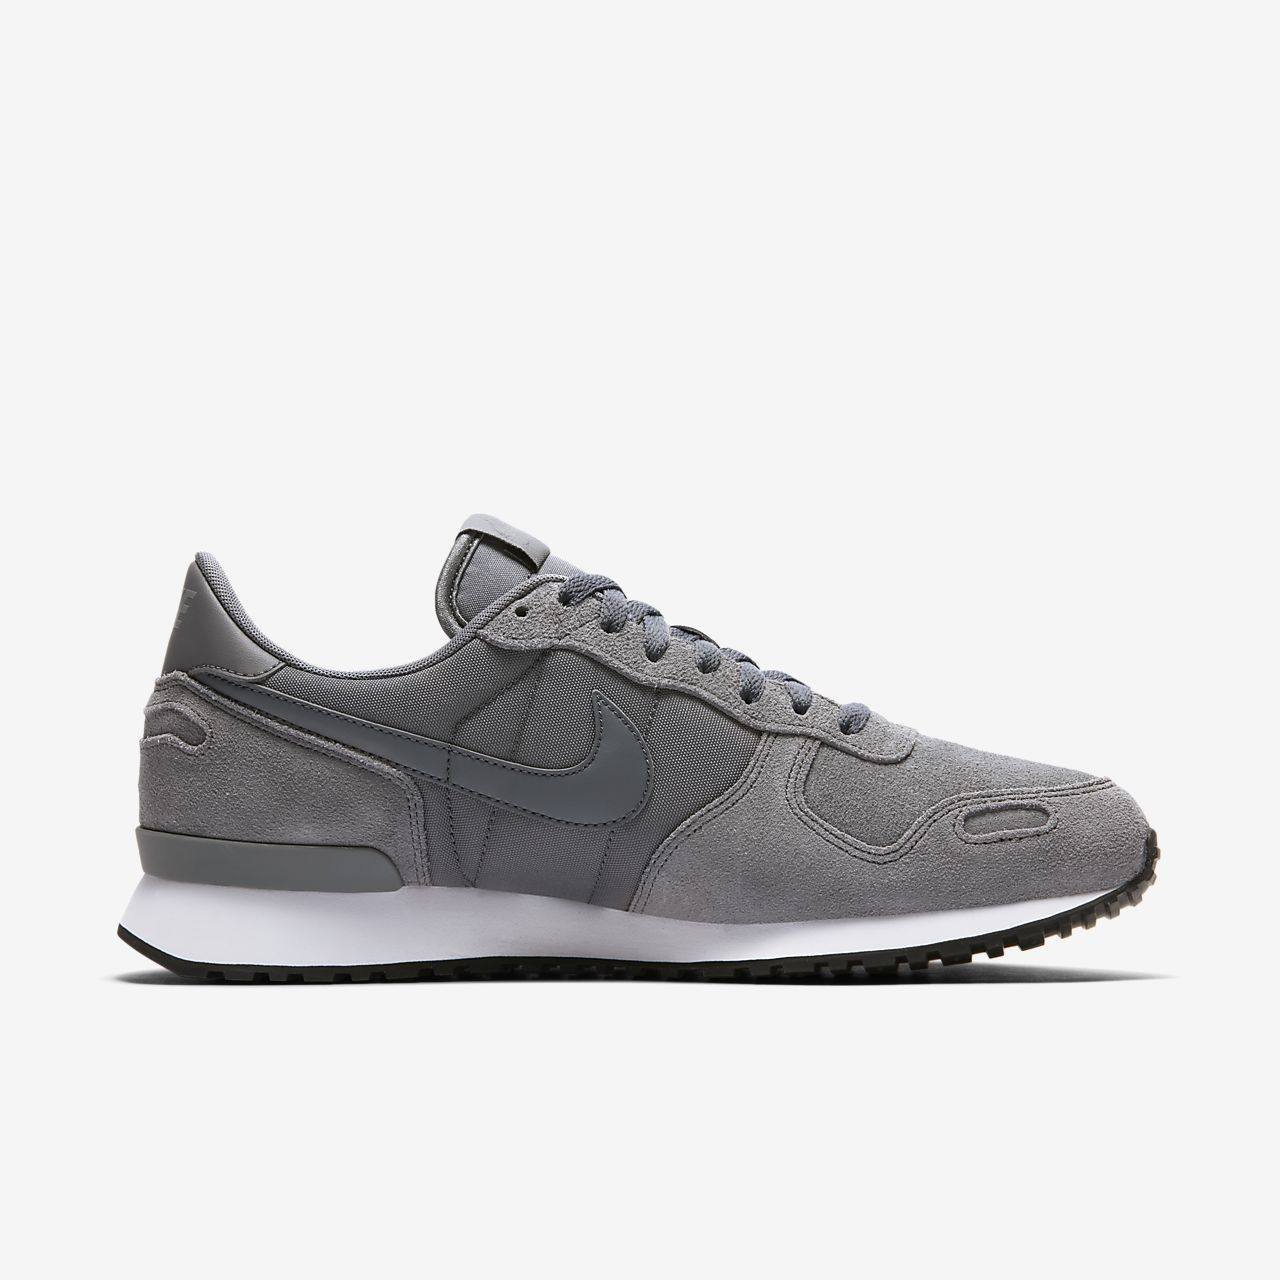 huge selection of 0f7de 710b1 ... Sko Nike Air Vortex för män